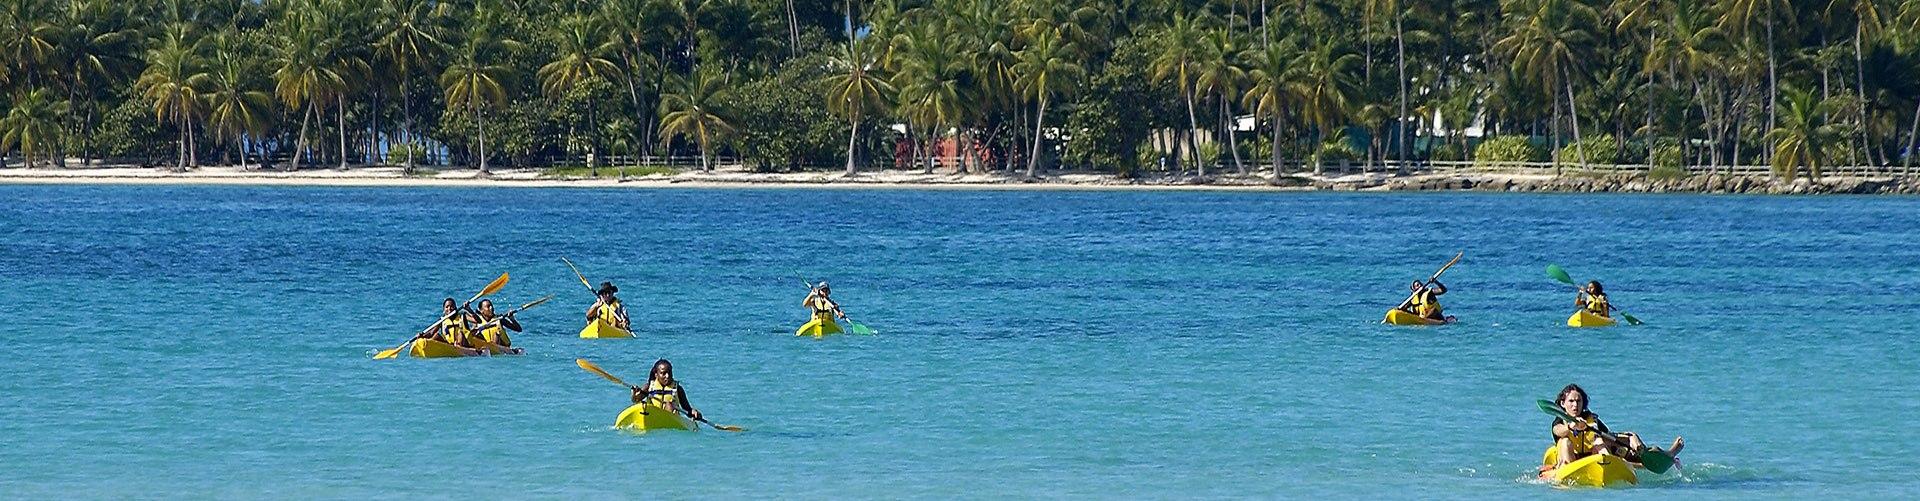 Excursion Kayak en Guadeloupe, Antilles françaises